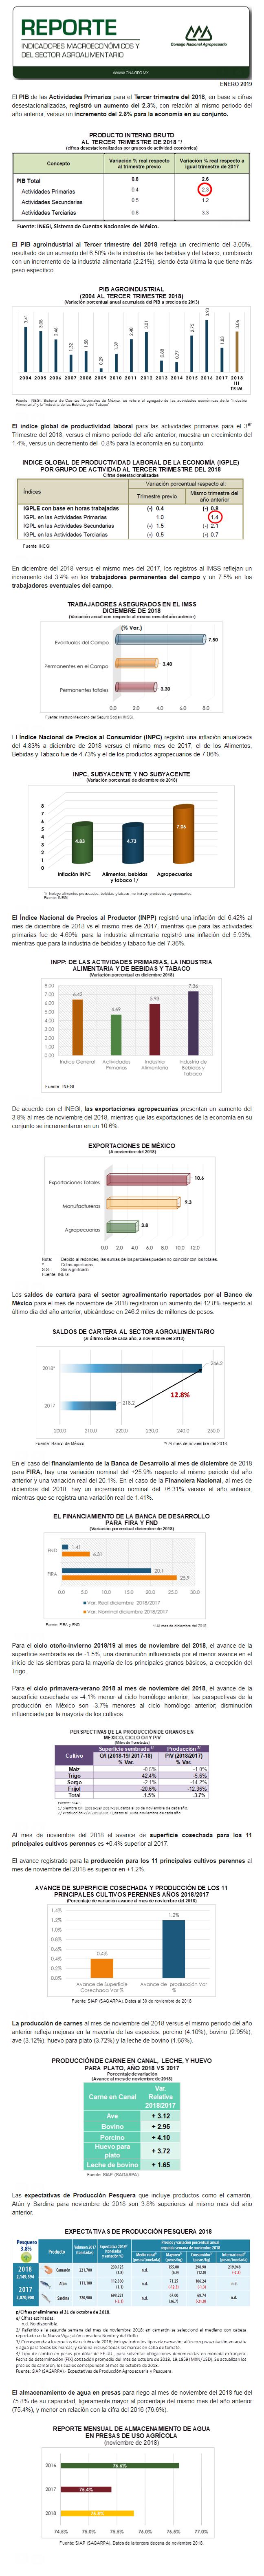 REPORTE DE INDICADORES MACROECONÓMICOS Y SECTORIALES DEL MES DE ENERO DEL 2019